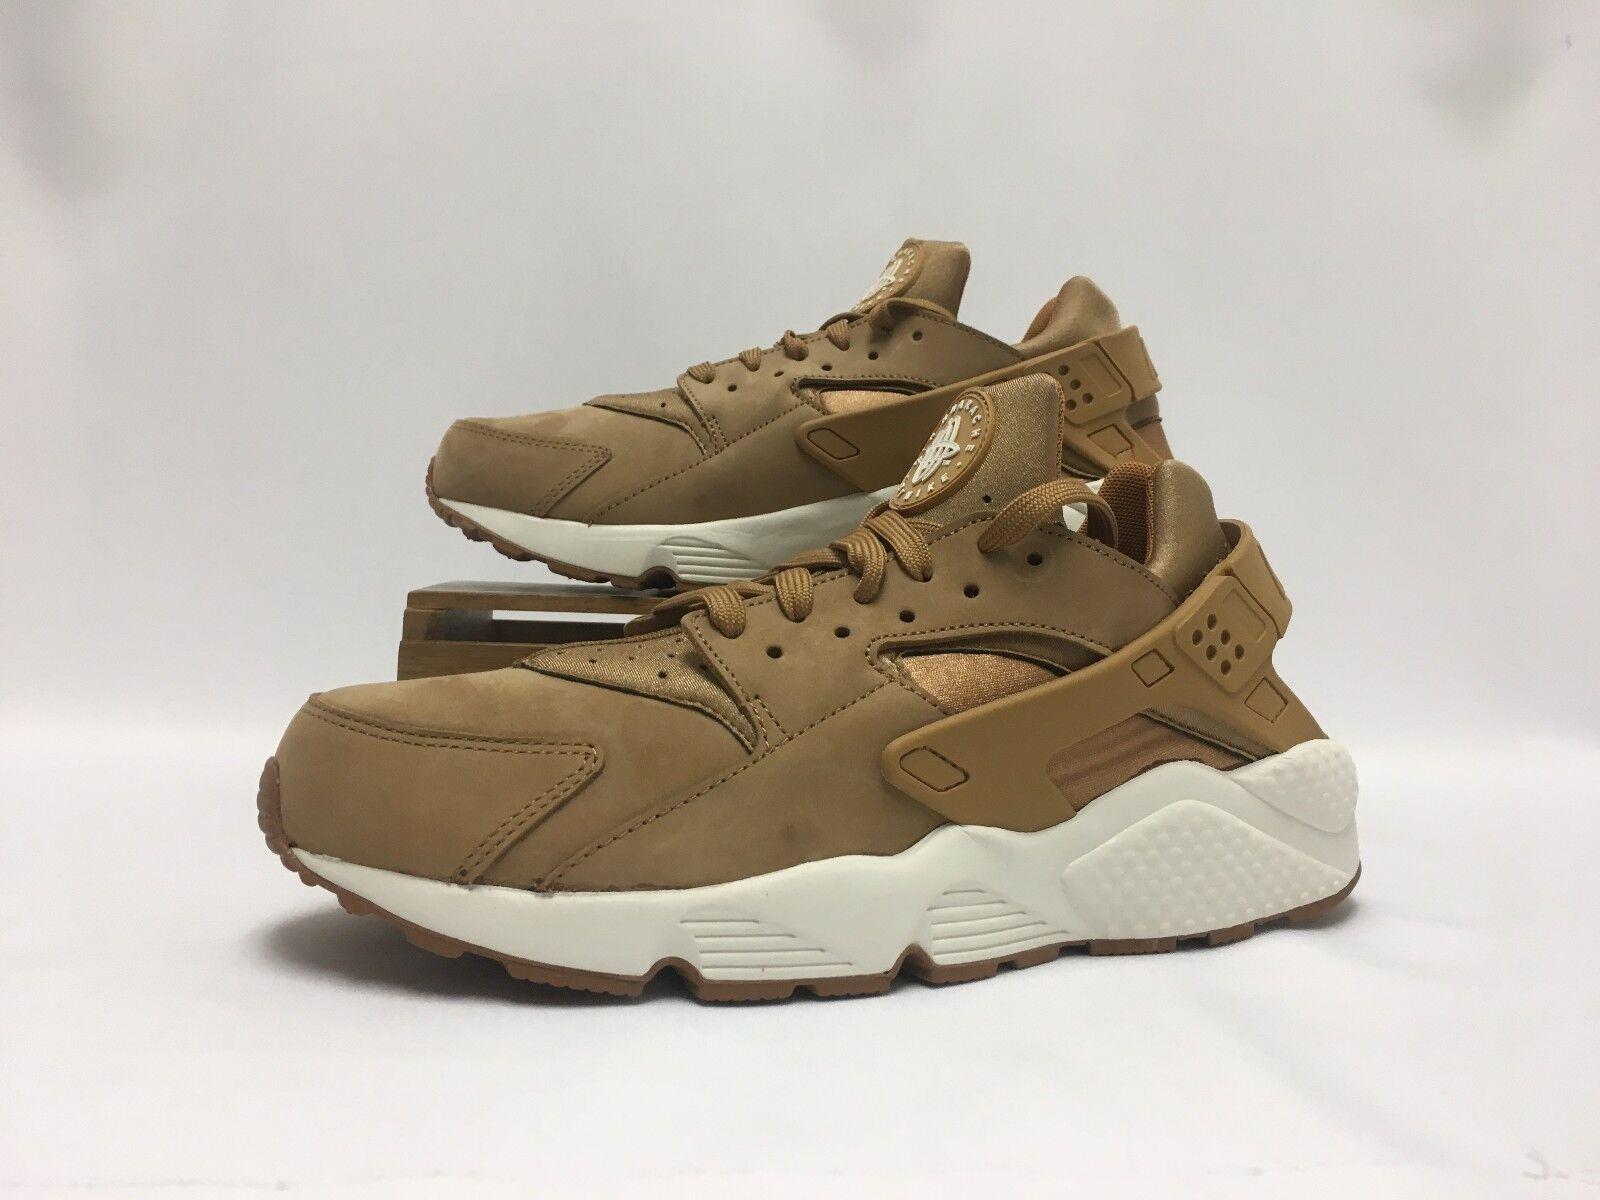 Nike Air Huarache Running shoes Flax Wheat Gum Brown 318429-202 Men's NWOB